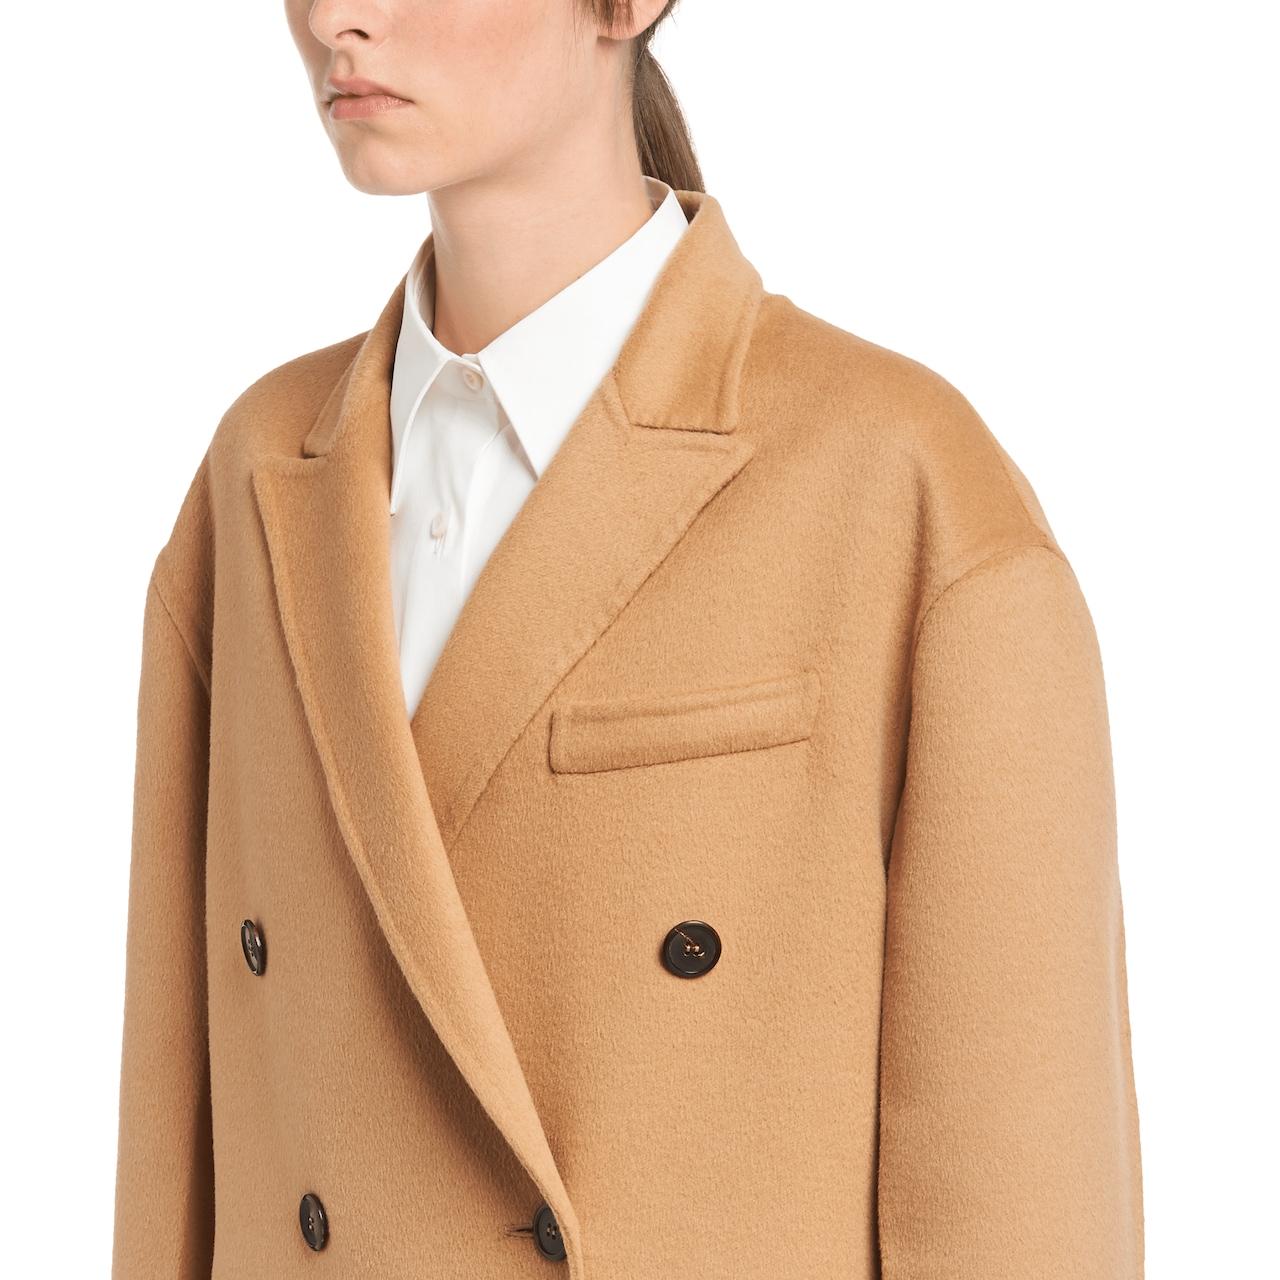 Manteau en laine, angora et fourrure